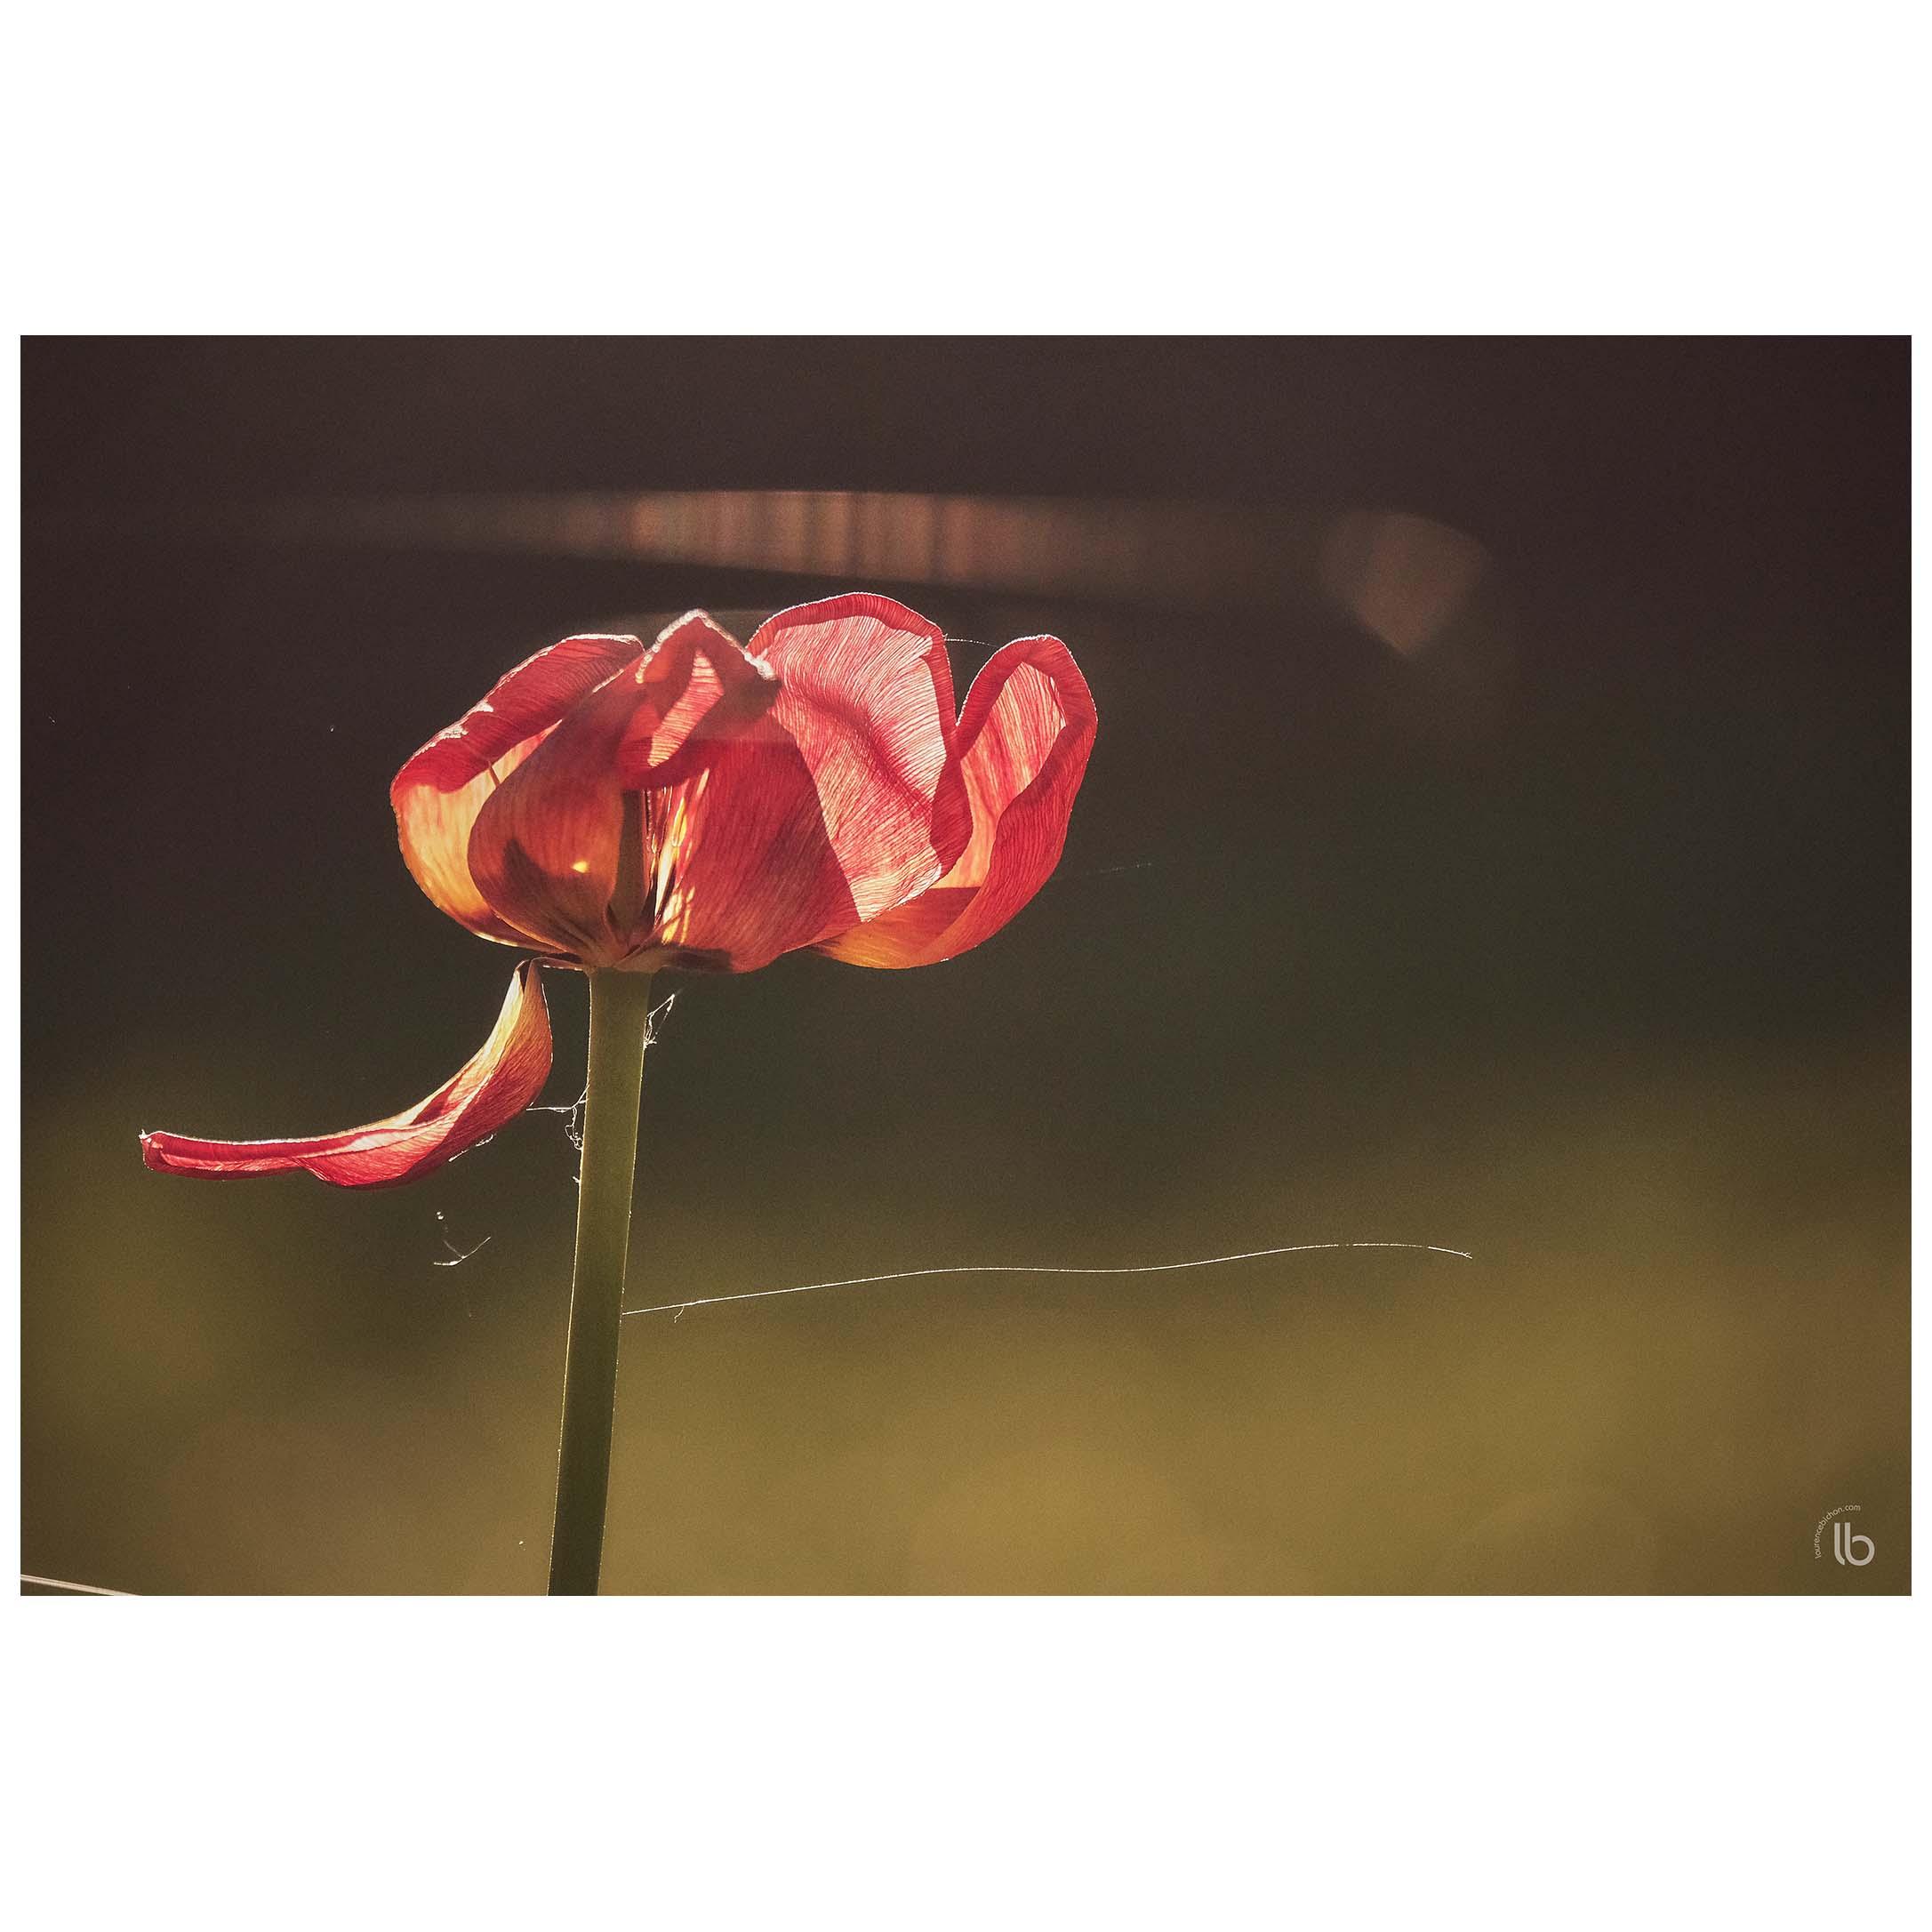 La beauté ne tient qu'à un fil - Parc Paumier - 20190420 - by laurence bichon photographe meudon